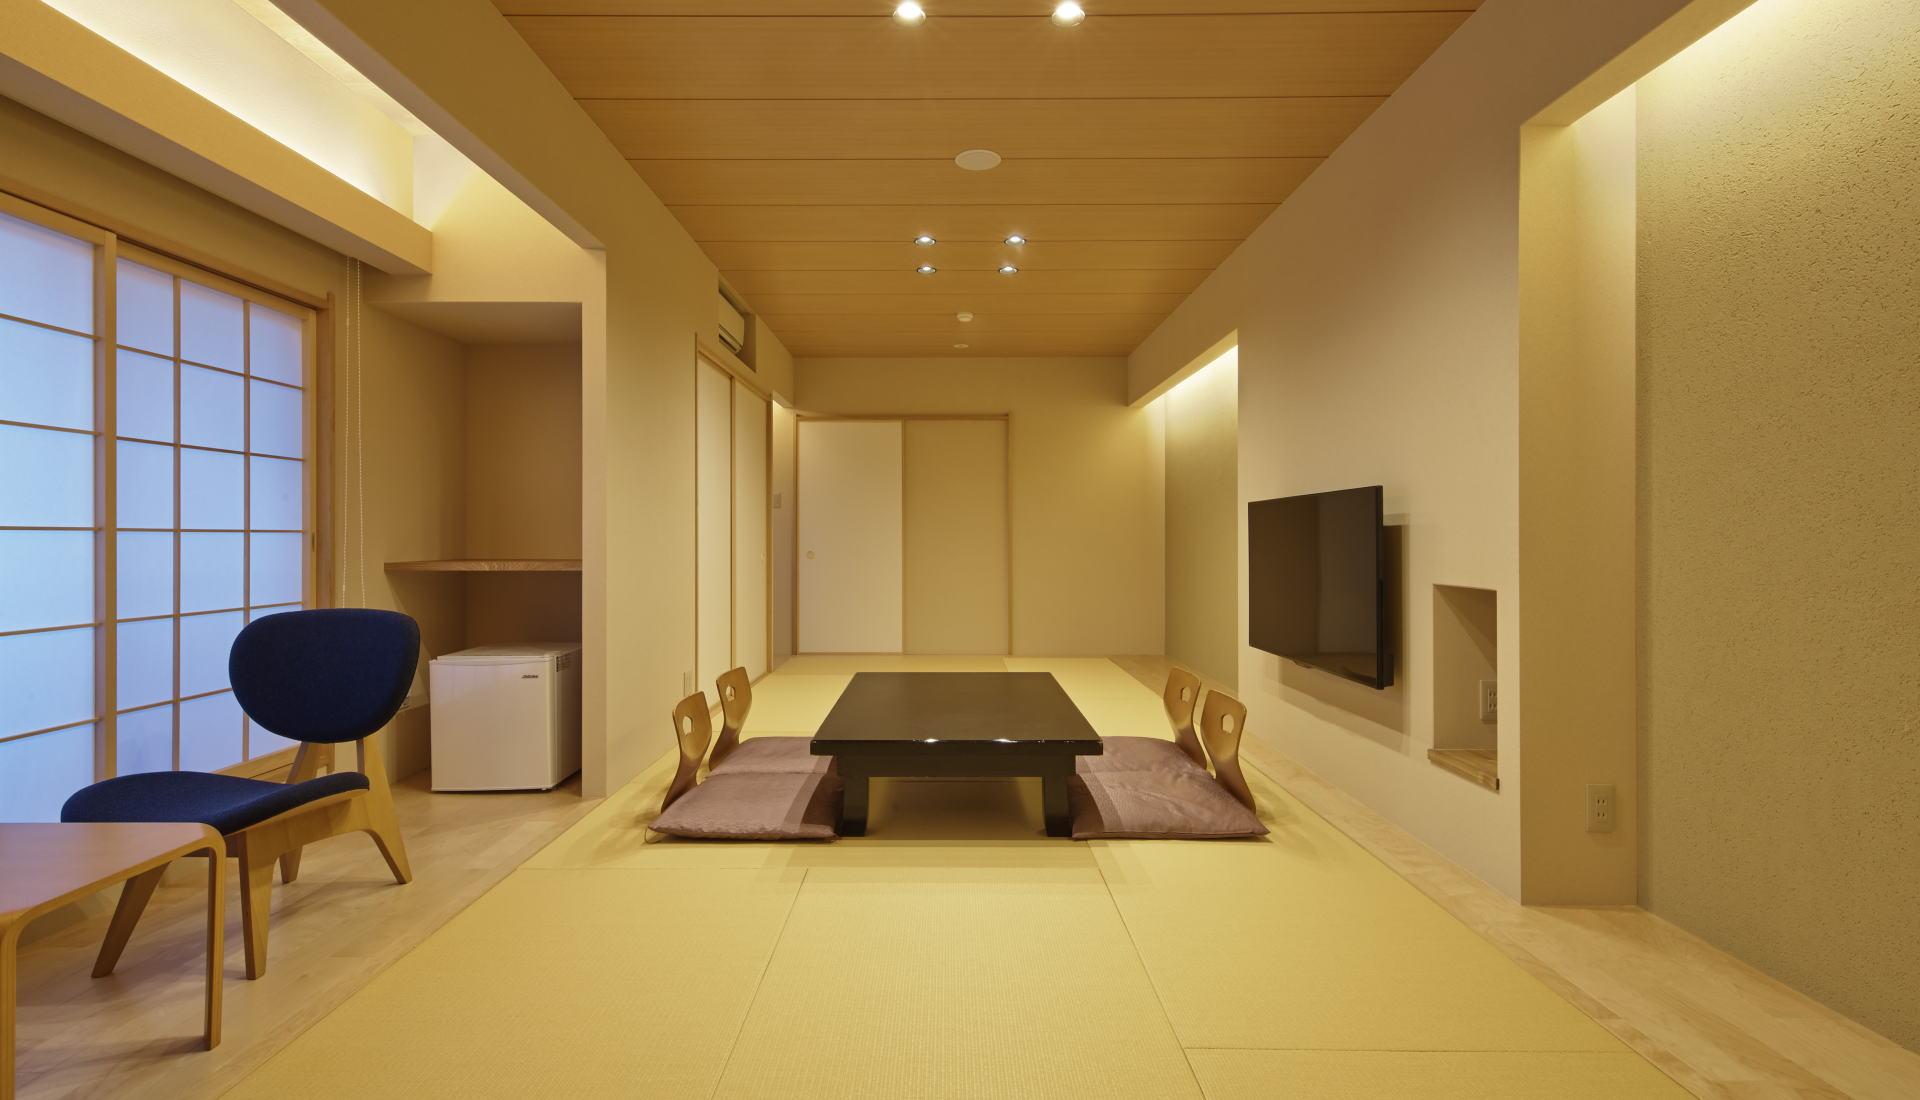 平成29年1月京都 旅館 松栄の本館3・4階をリニューアル